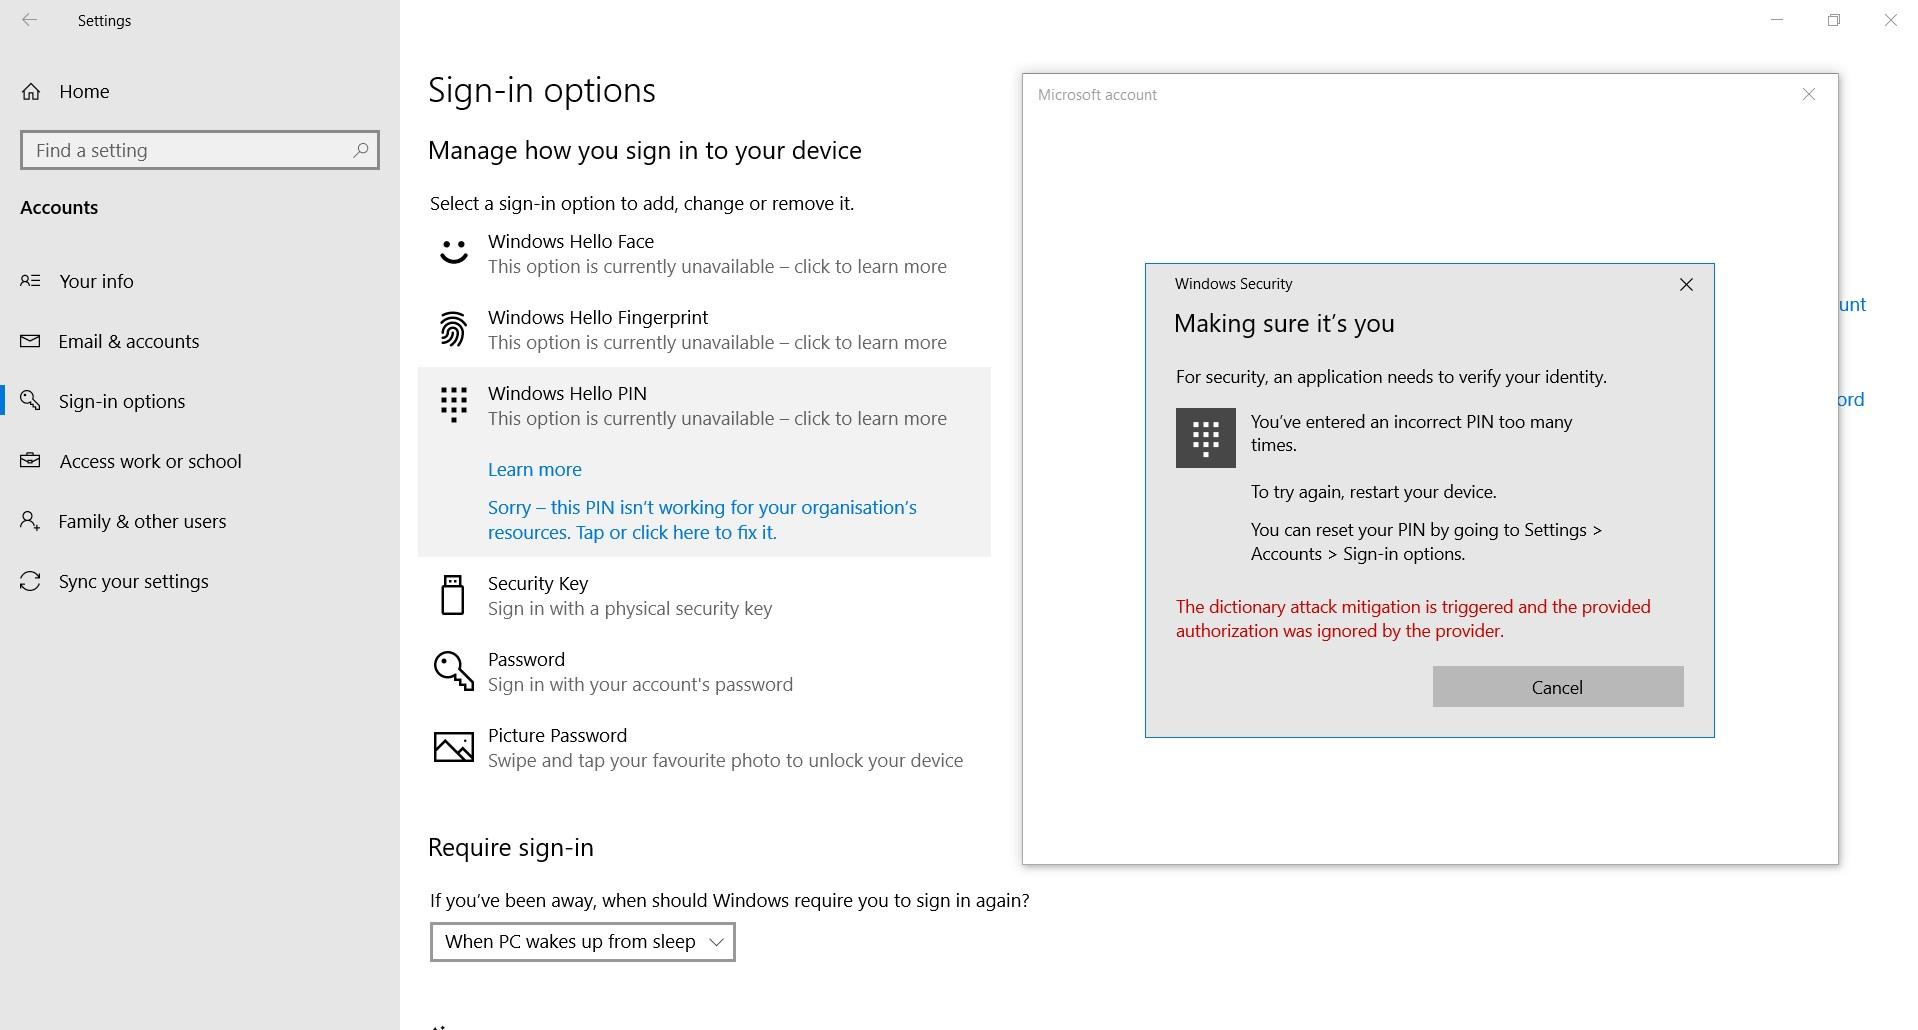 Windows Hello pin removal 36f7a72e-c30c-4e91-931a-251e925fccf4?upload=true.jpg